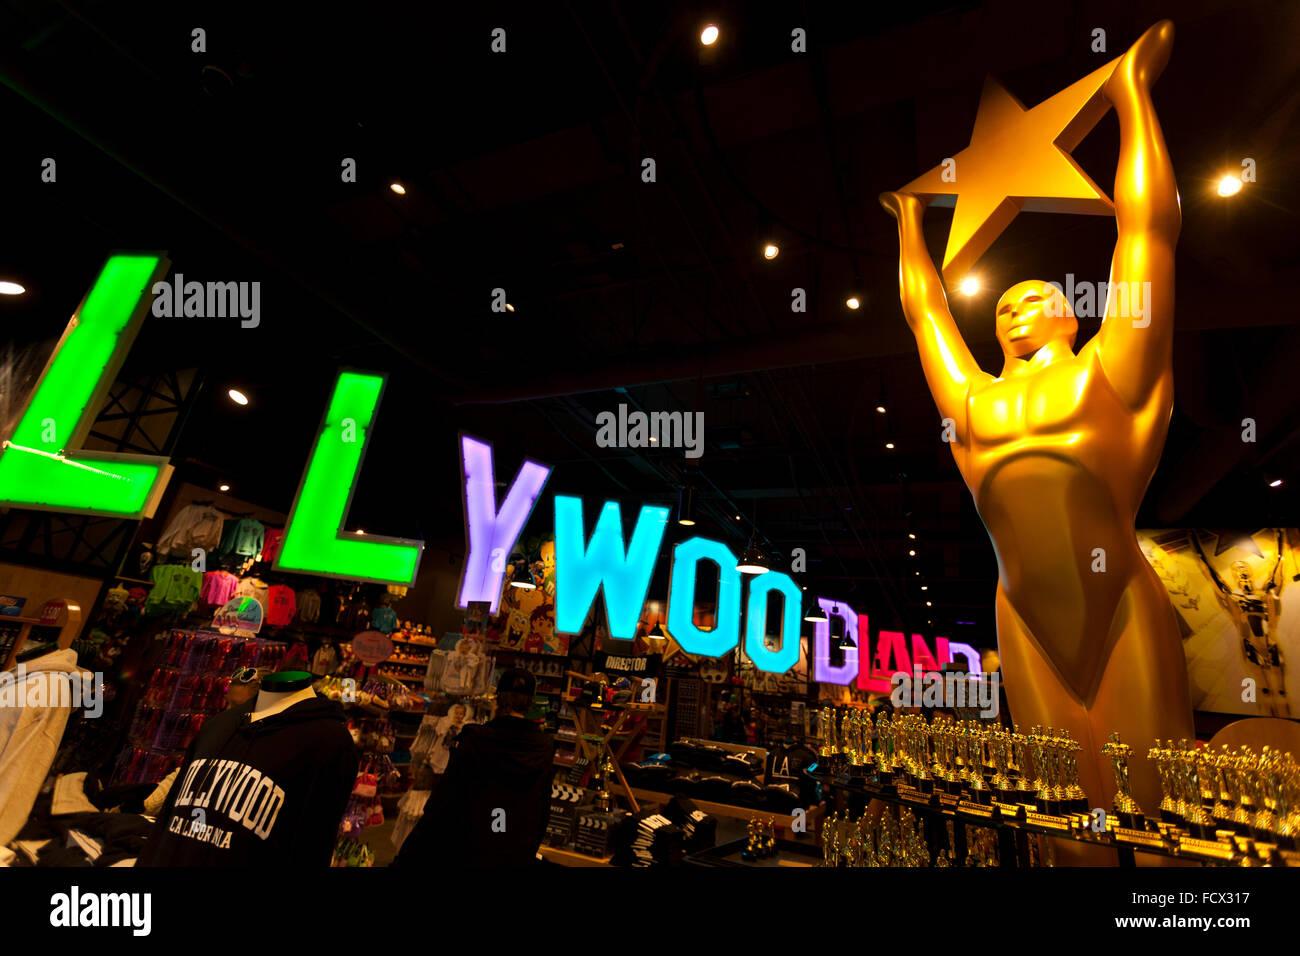 Geschenk-Shop mit einem Bildnis des Oscar-Statue am Hollywood Boulevard, Hollywood, Los Angeles, Kalifornien, USA Stockbild